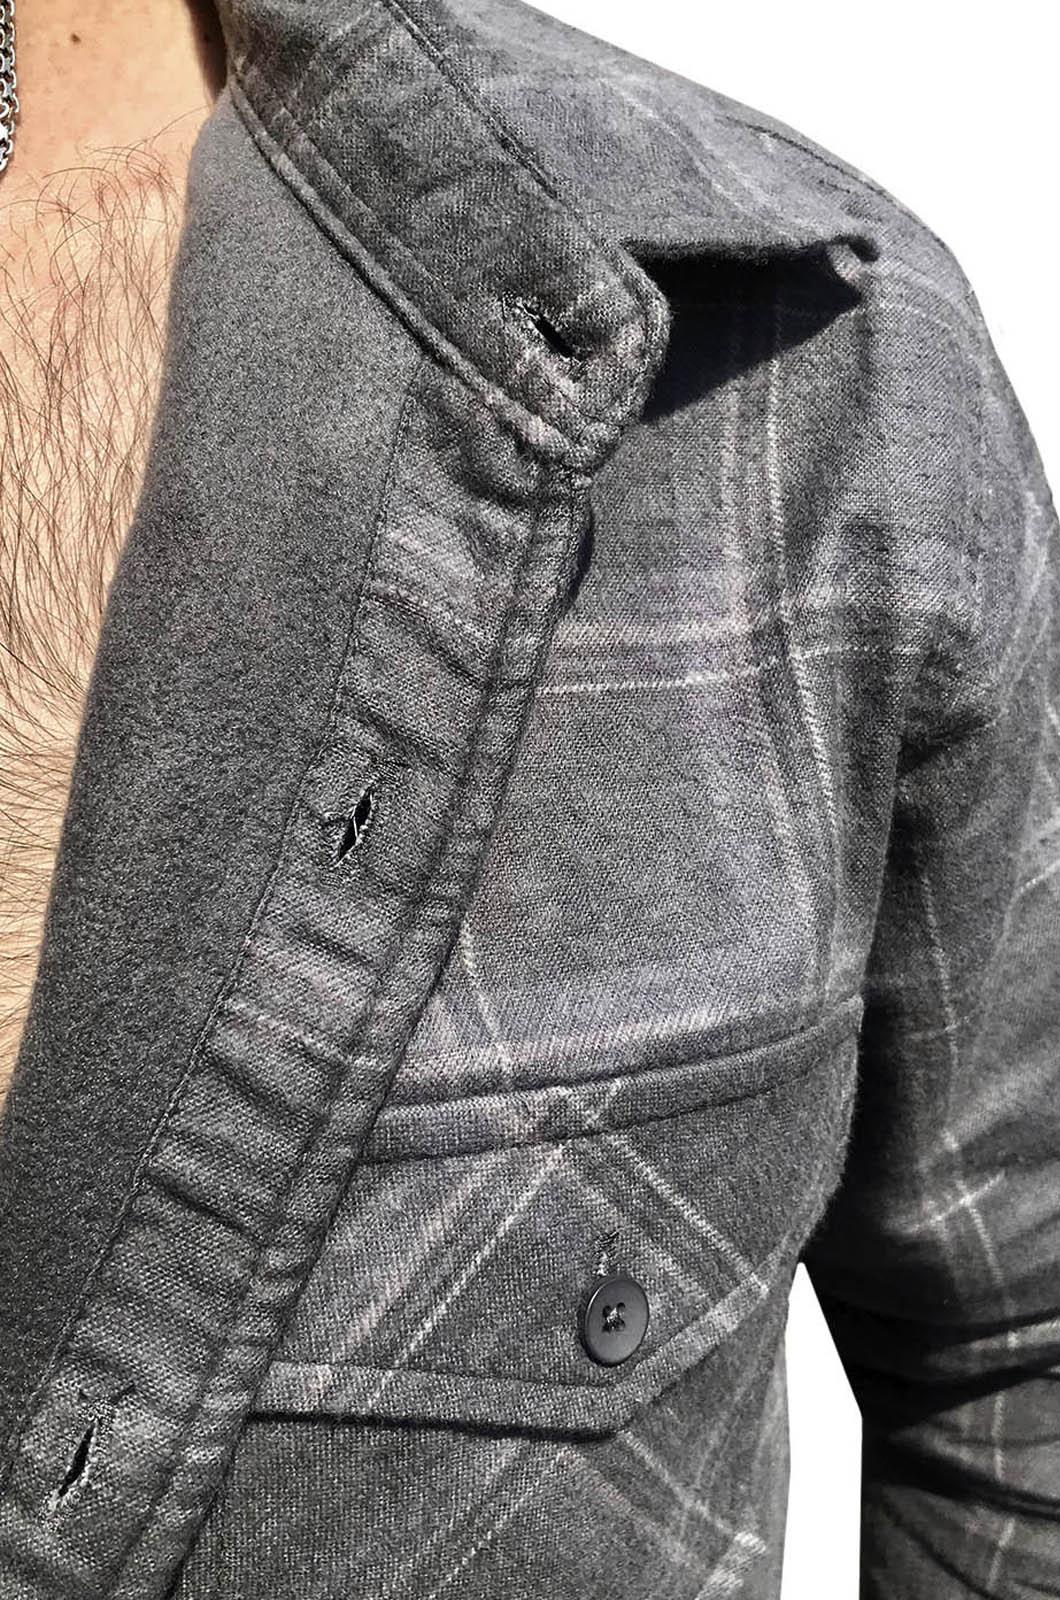 Рубашка с шевроном Спецназа ГРУ купить выгодно